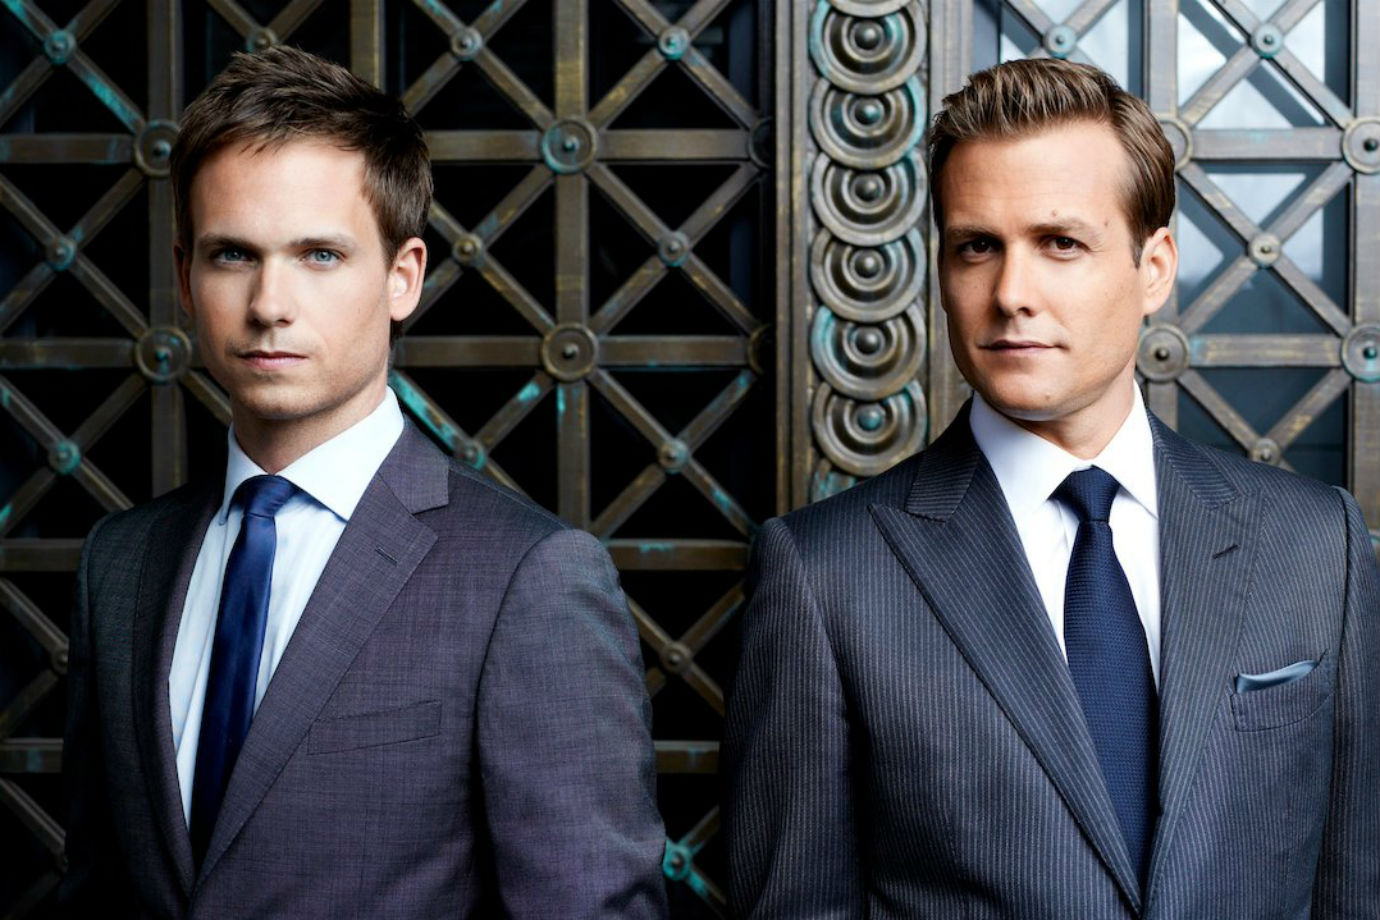 séries imperdíveis sobre advocacia, negócios e empreendedorismo